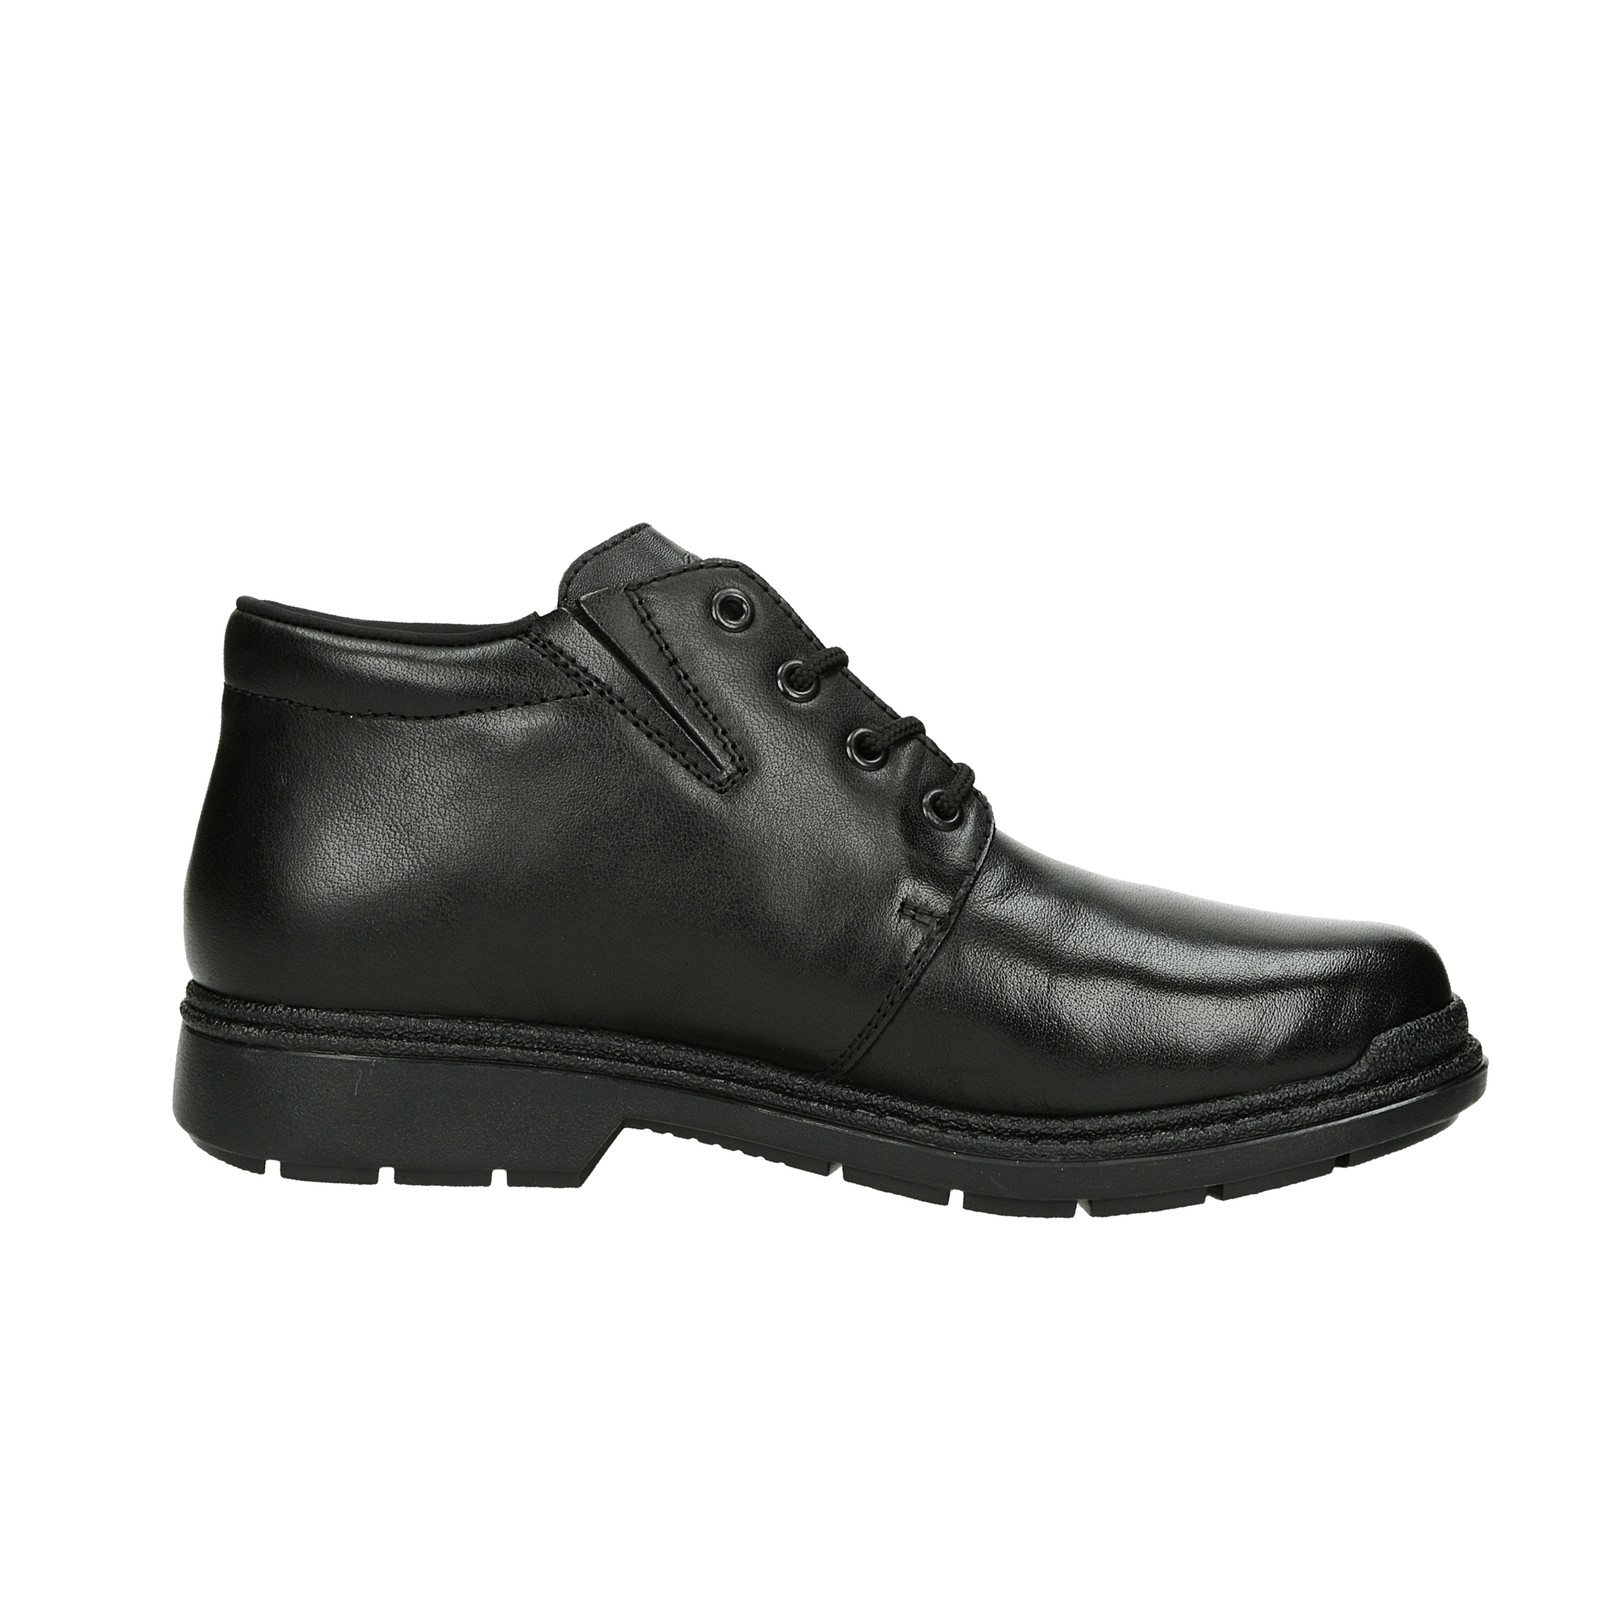 Rieker pánska kožená členková obuv - čierna